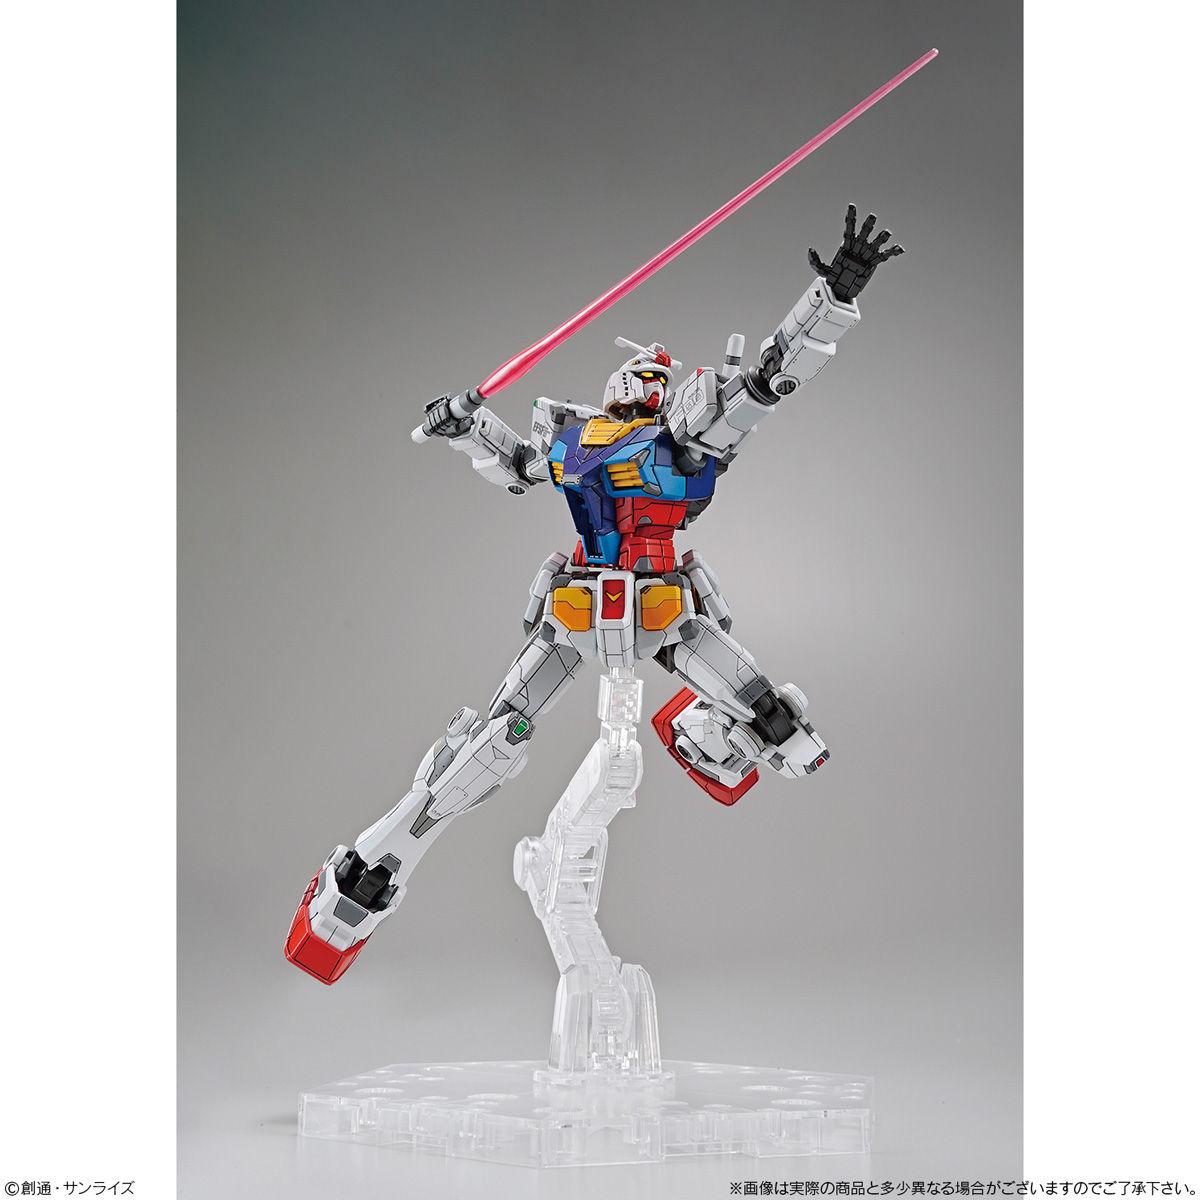 【再販】GUNDAM FACTORY YOKOHAMA『RX-78F00 ガンダム&ガンダムドック』1/144 プラモデル-007